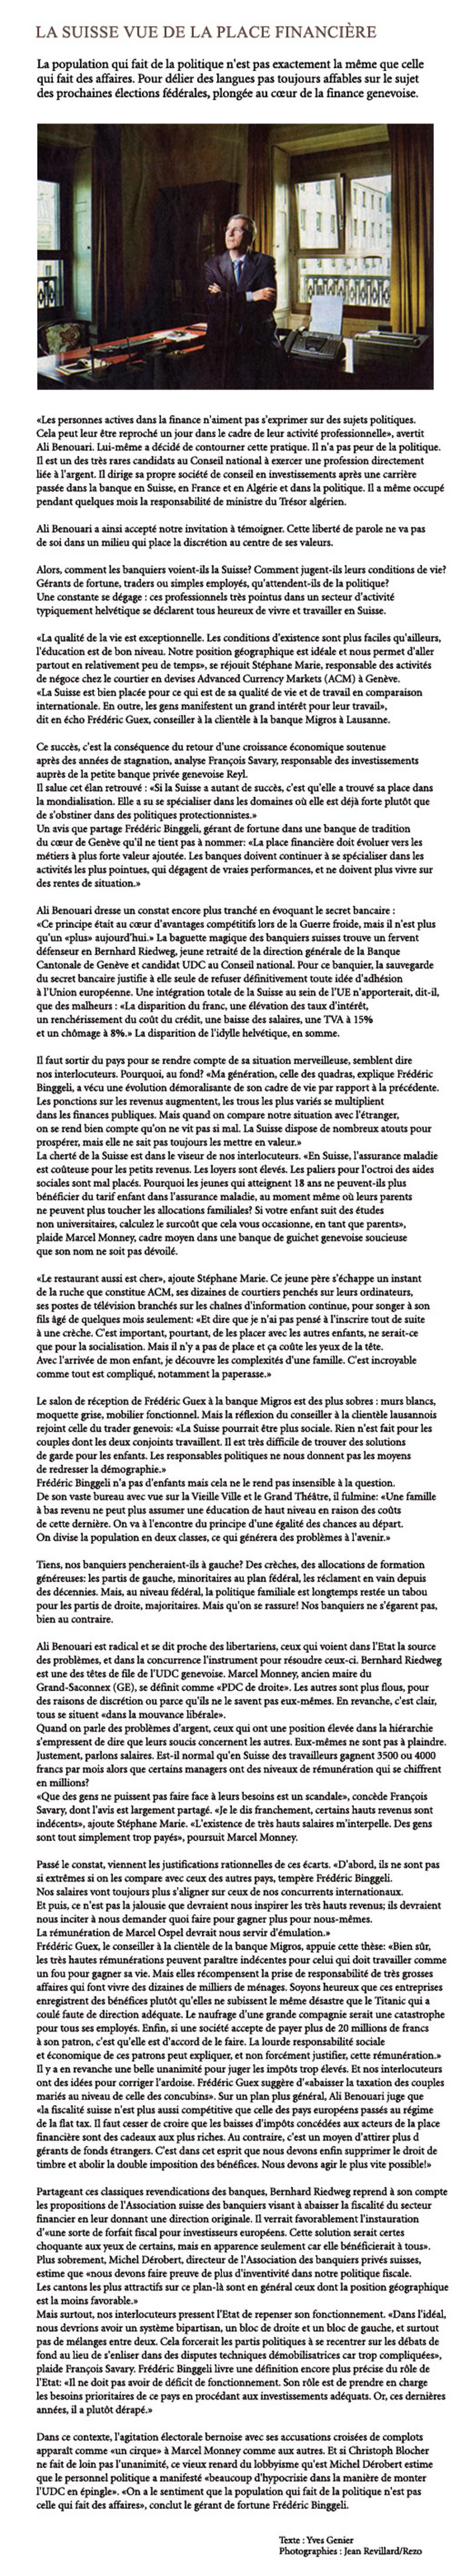 Ali-Benouari-La-Suisse-vue-de-la-place-financiere